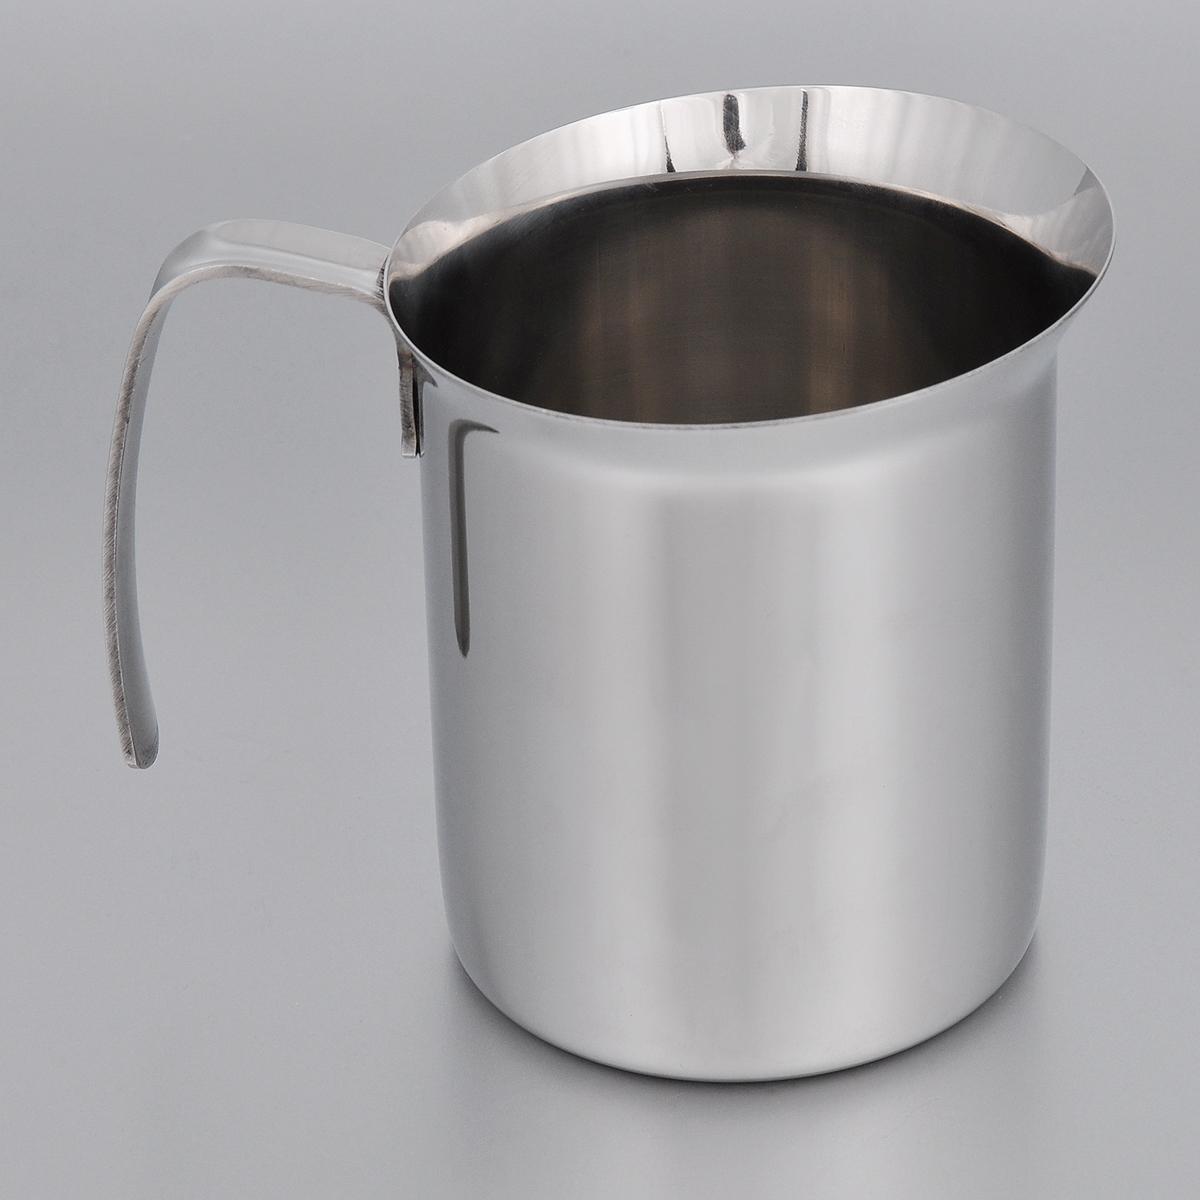 Кружка для взбивания молока Bialetti Elegance, 1 л1805Кружка для взбивания молока Bialetti Elegance изготовлена из высококачественной нержавеющей стали. Изделие оснащено ручкой и специальным носиком для удобного выливания жидкости. Зеркальная полировка придает посуде эстетичный вид.Можно использовать на газовых, электрических и стеклокерамических плитах.Объем: 1 л. Диаметр по верхнему краю: 12 см.Диаметр дна: 9,5 см. Высота стенки: 13 см.